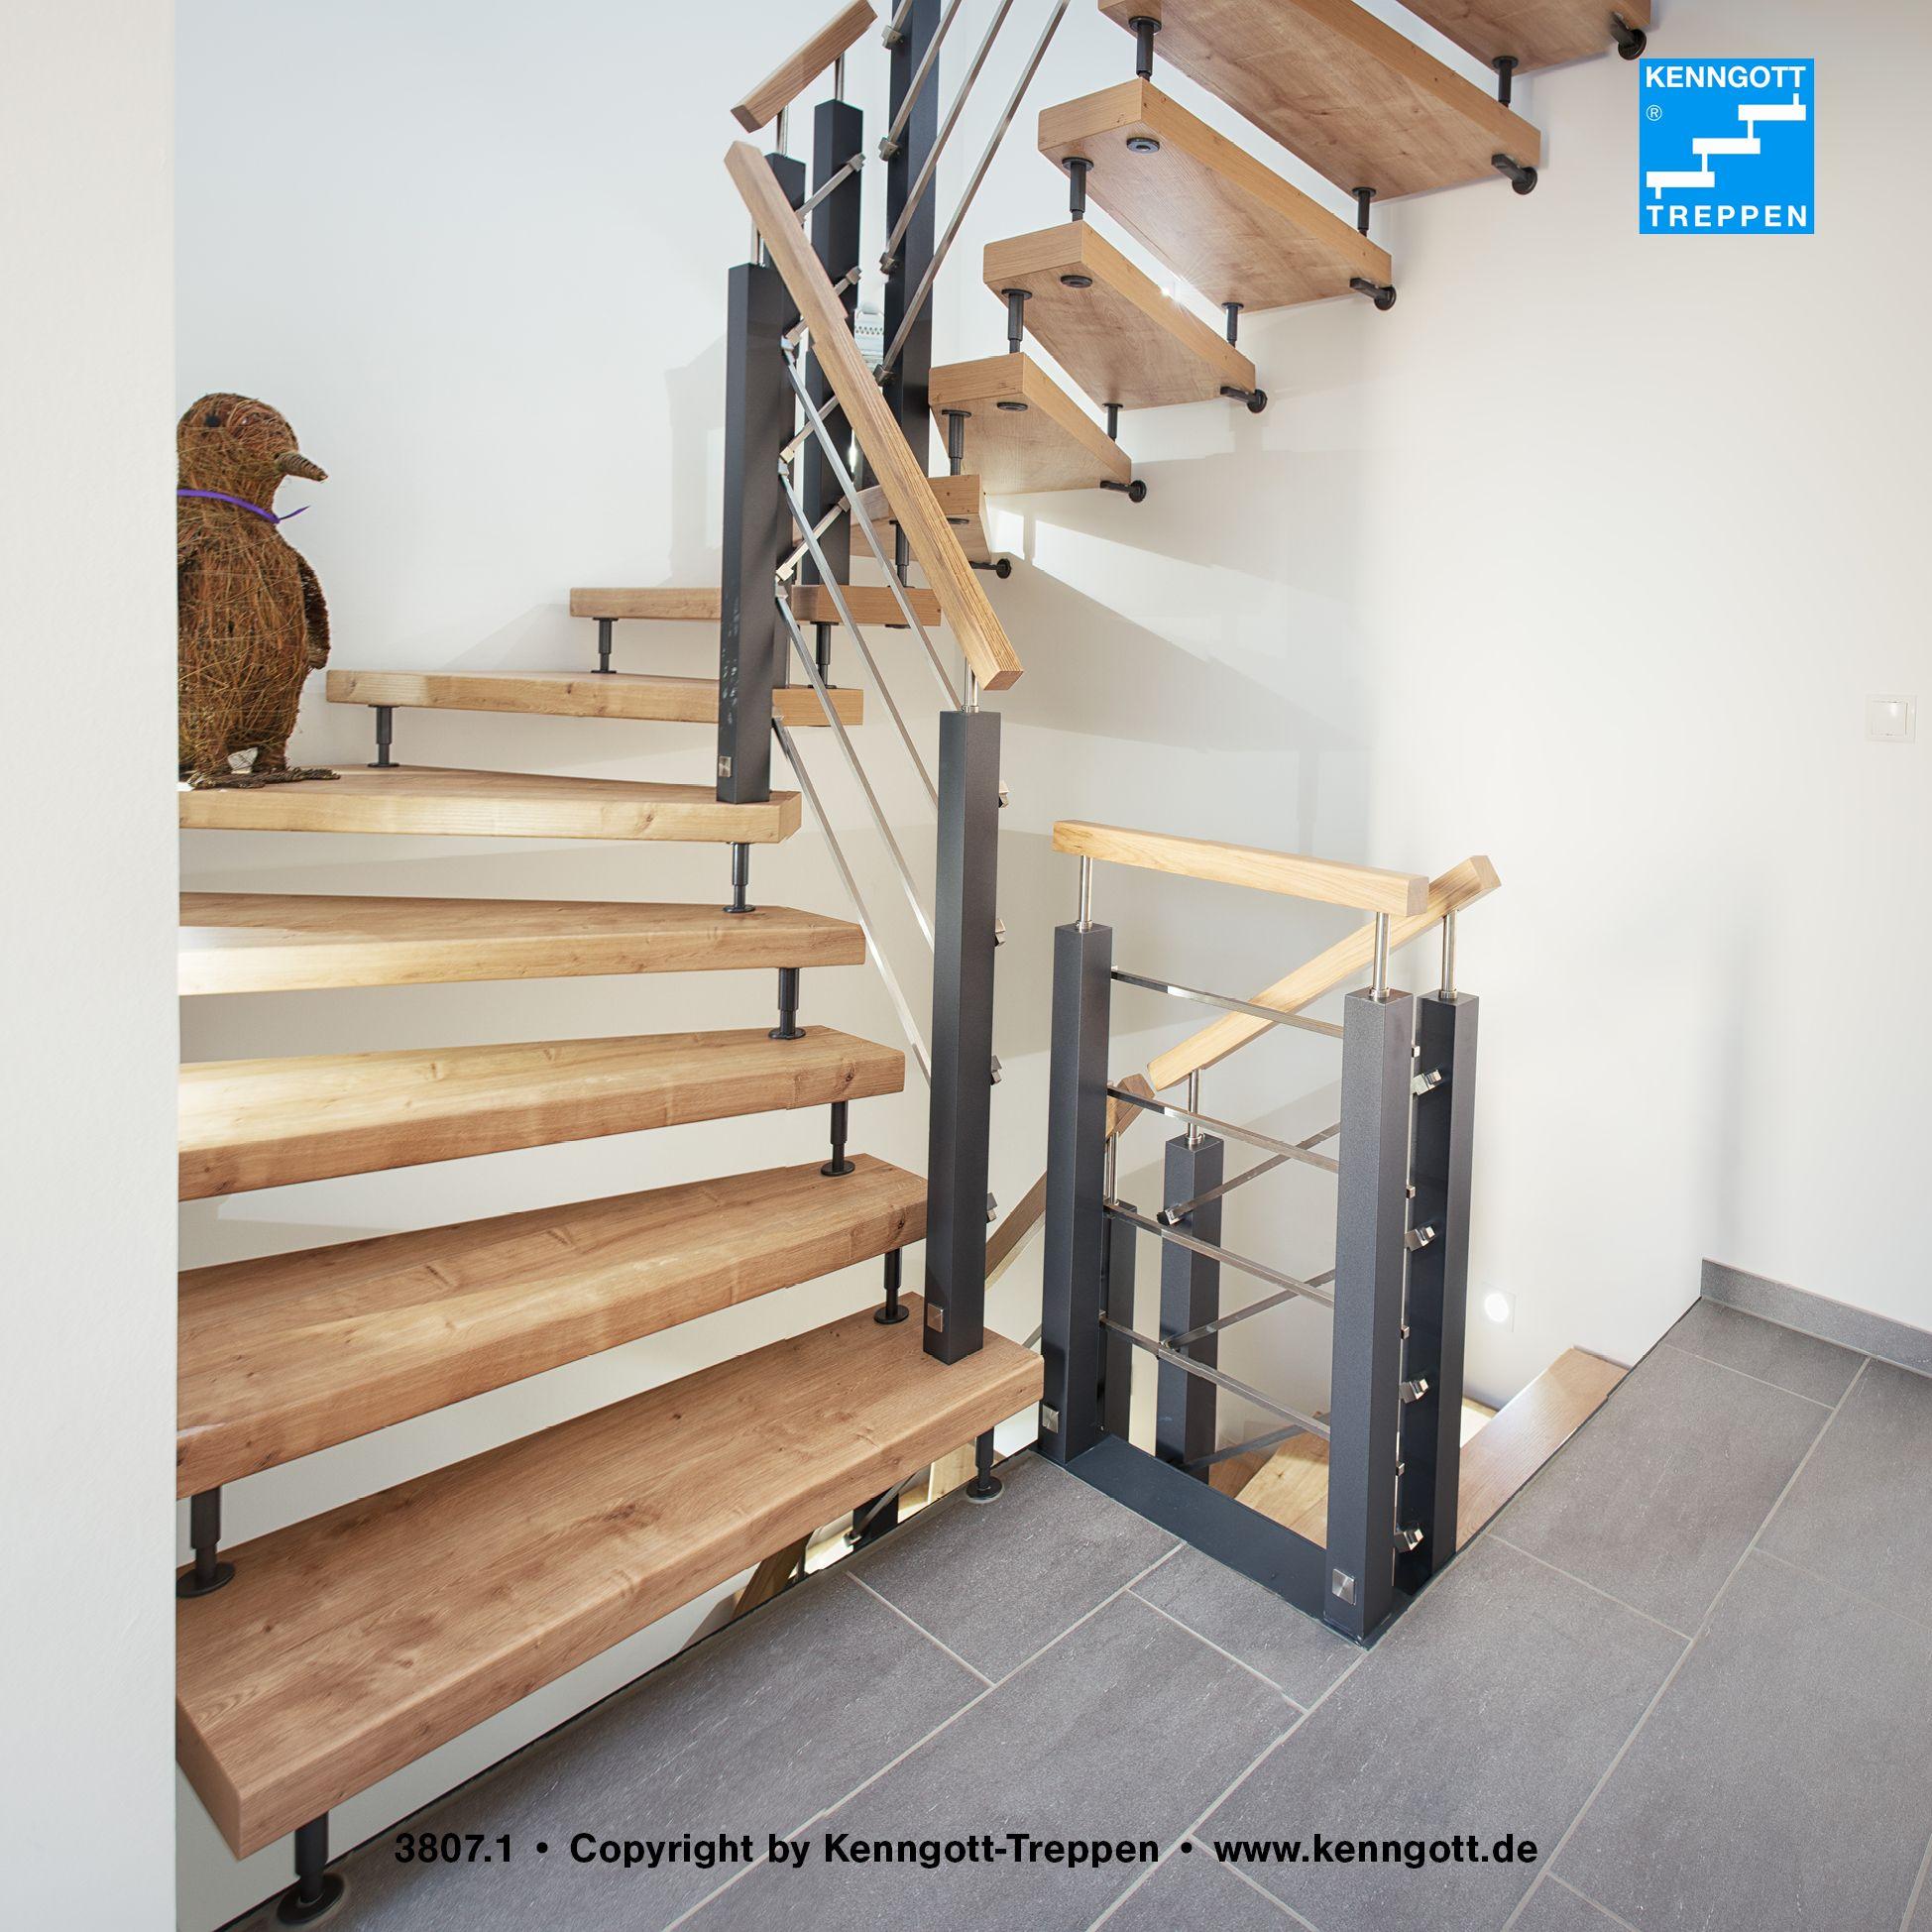 wohnqualit t freitragende kenngott treppe mit asteiche longlife stufen und modernem gel nder. Black Bedroom Furniture Sets. Home Design Ideas